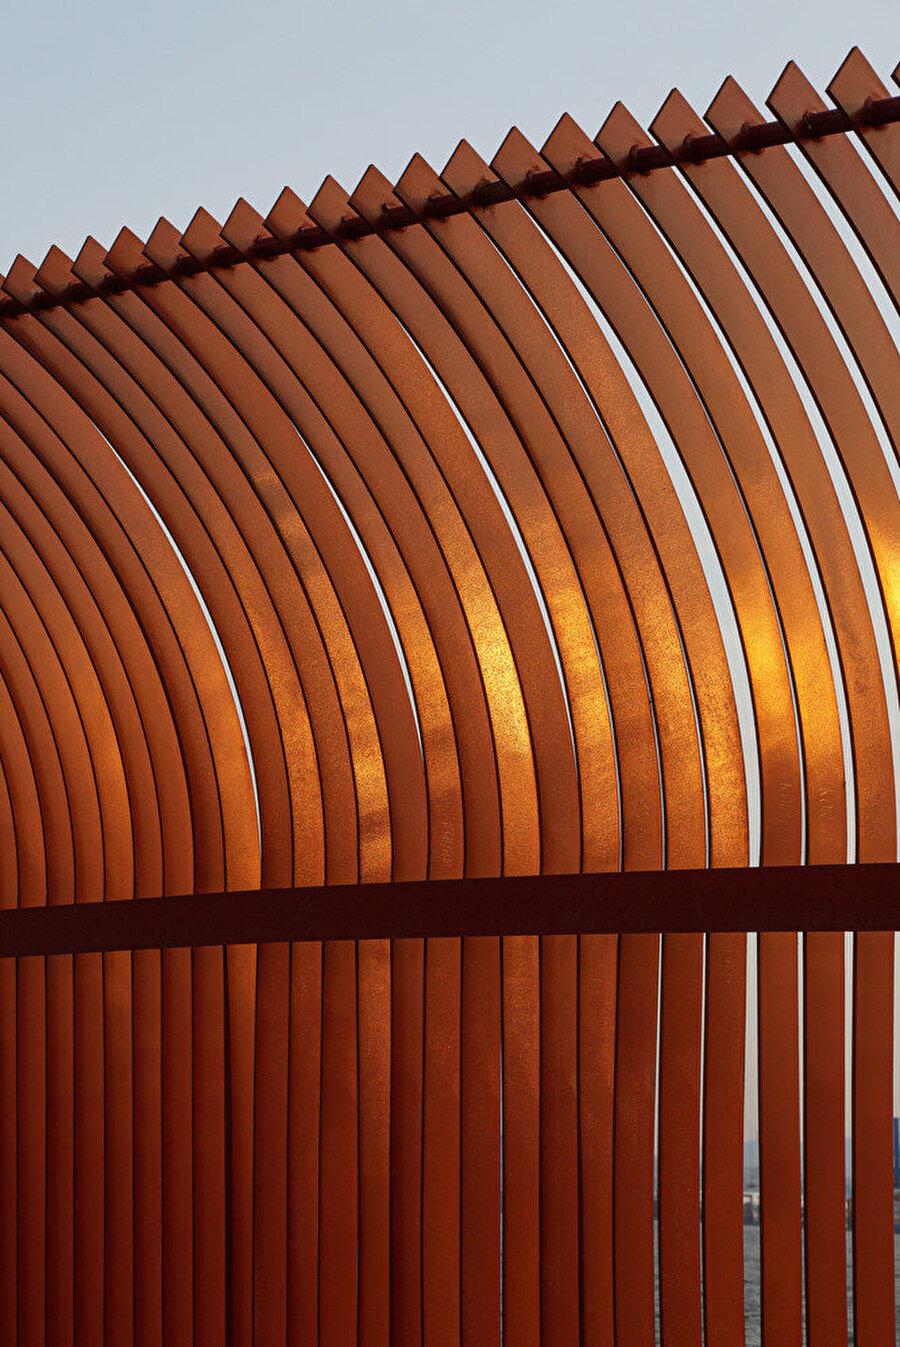 Korten çelik paneller.